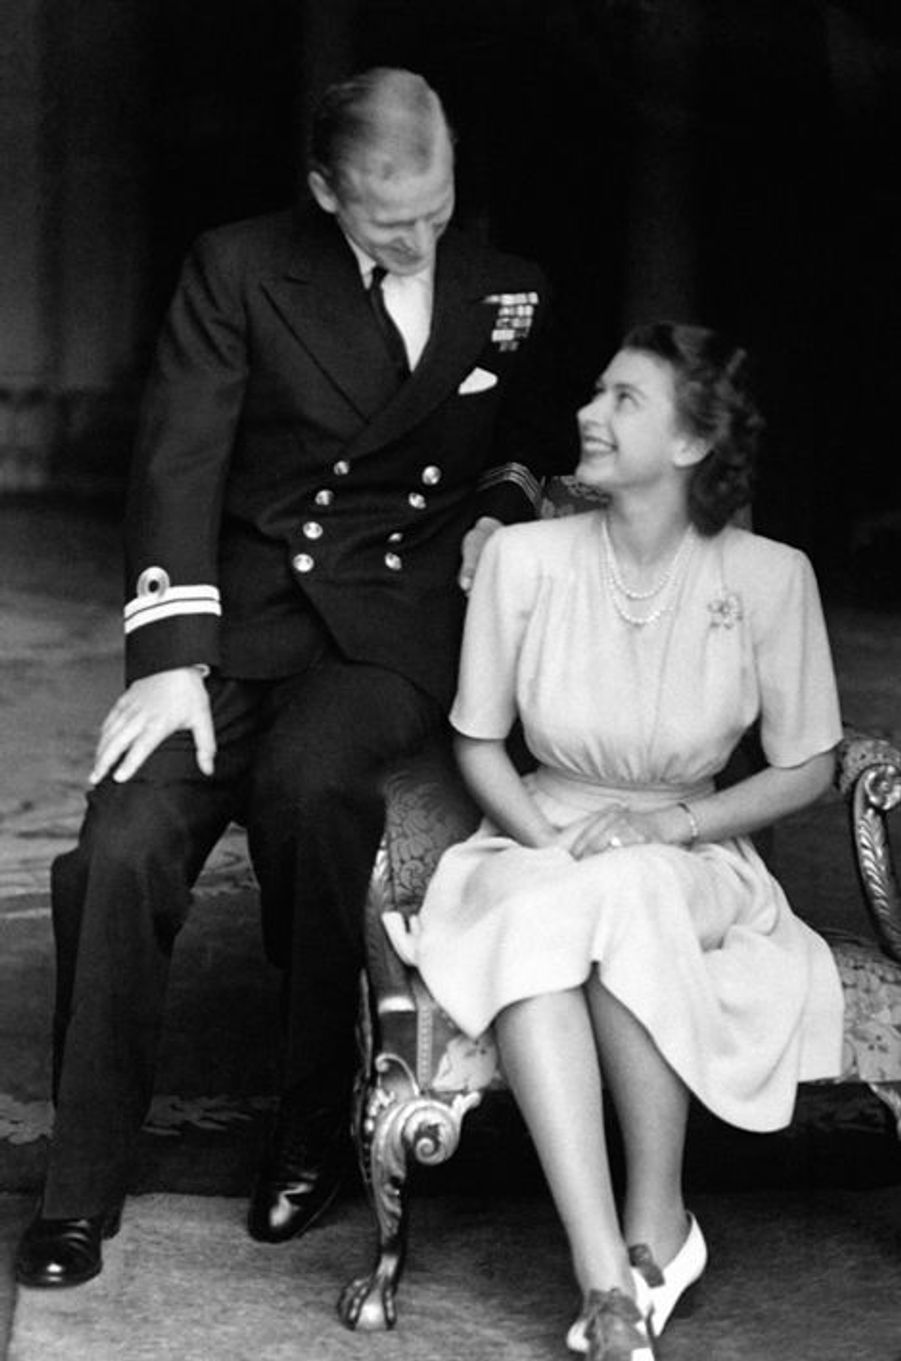 La princesse Elizabeth avec le prince Philip le jour de leurs fiançailles, le 10 juillet 1947